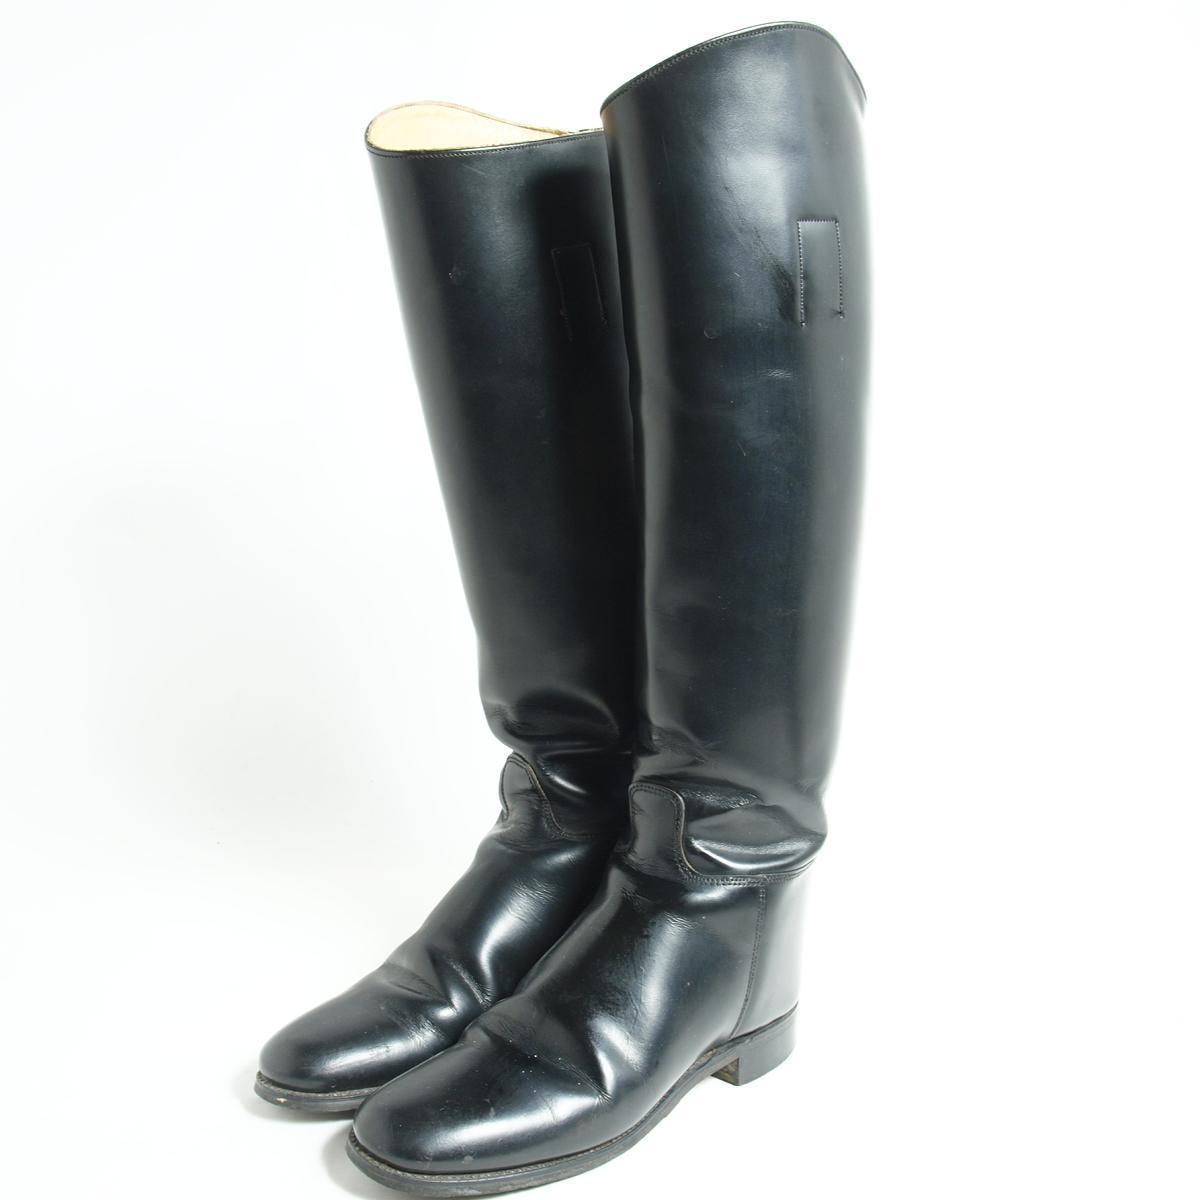 英国製 ジョッキー乗馬ブーツ UK5.5 レディース23.5cm marlborough /bok2175 【中古】 【170128】【SS1903】